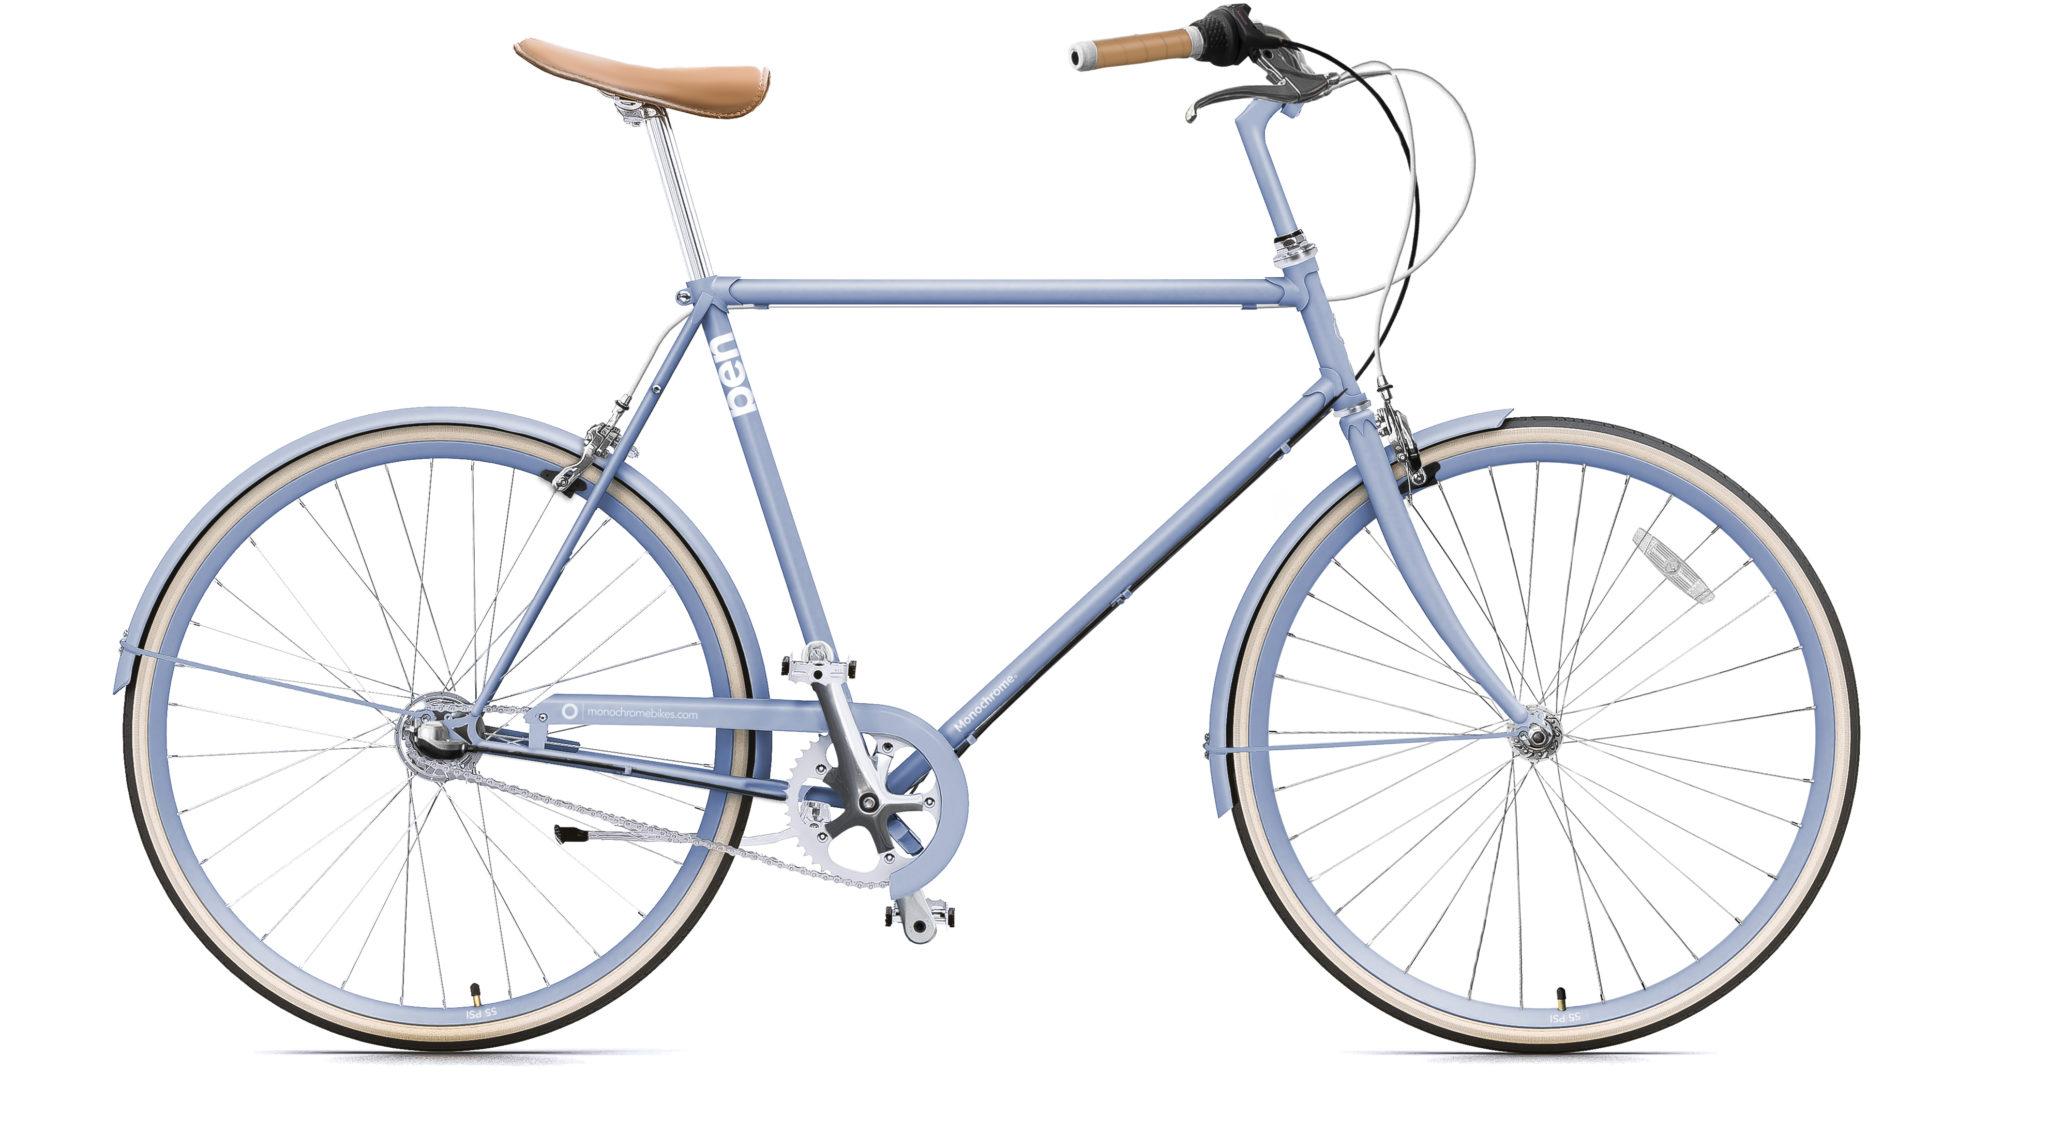 Rower do miasta Monochrome bikes